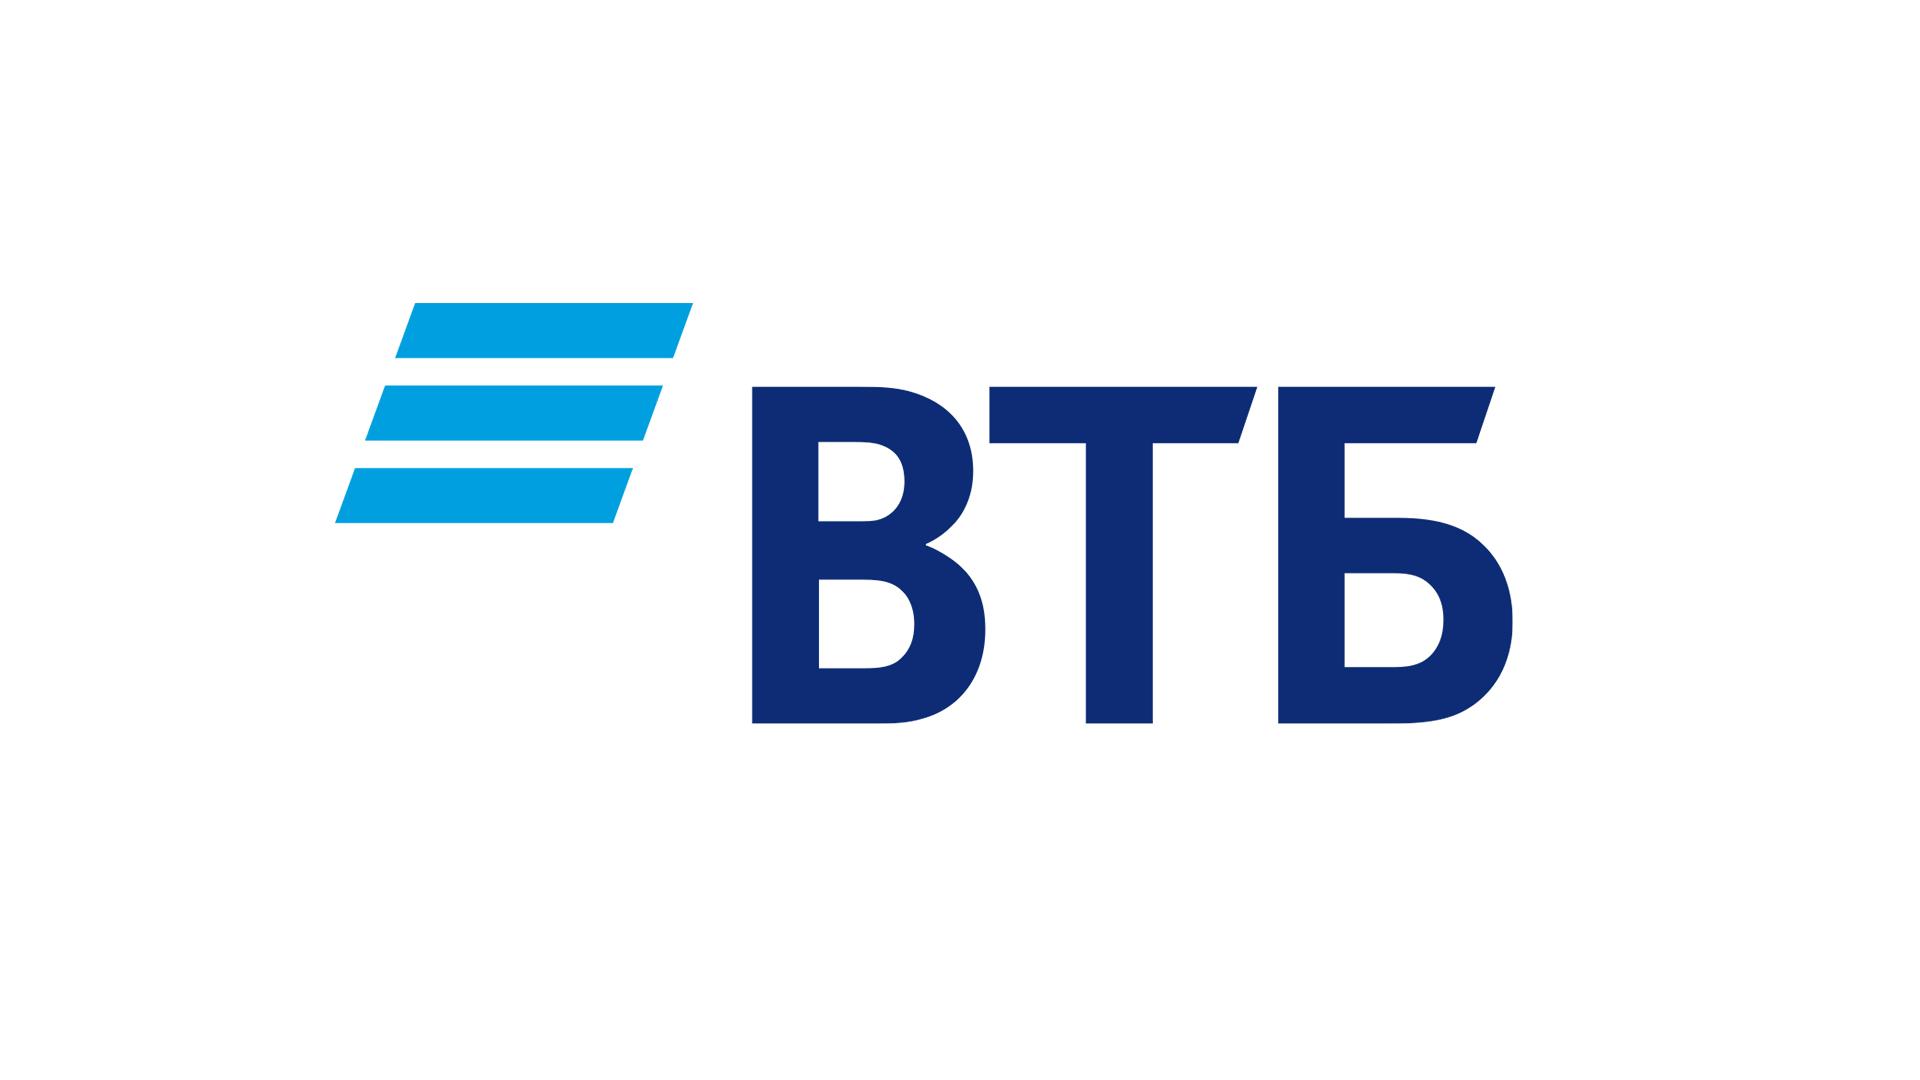 ВТБ поддерживает инициативу расширить условия выдачи семейной ипотеки